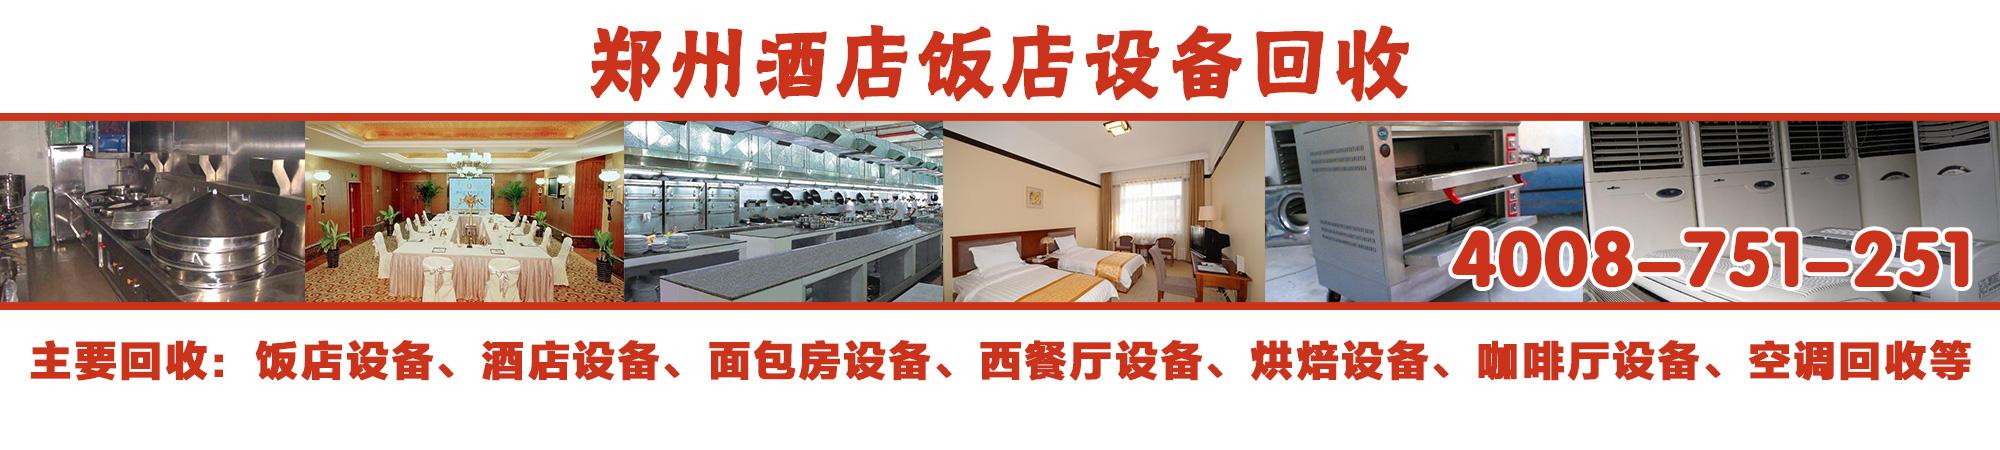 郑州厨具回收,郑州蛋糕房设备回收